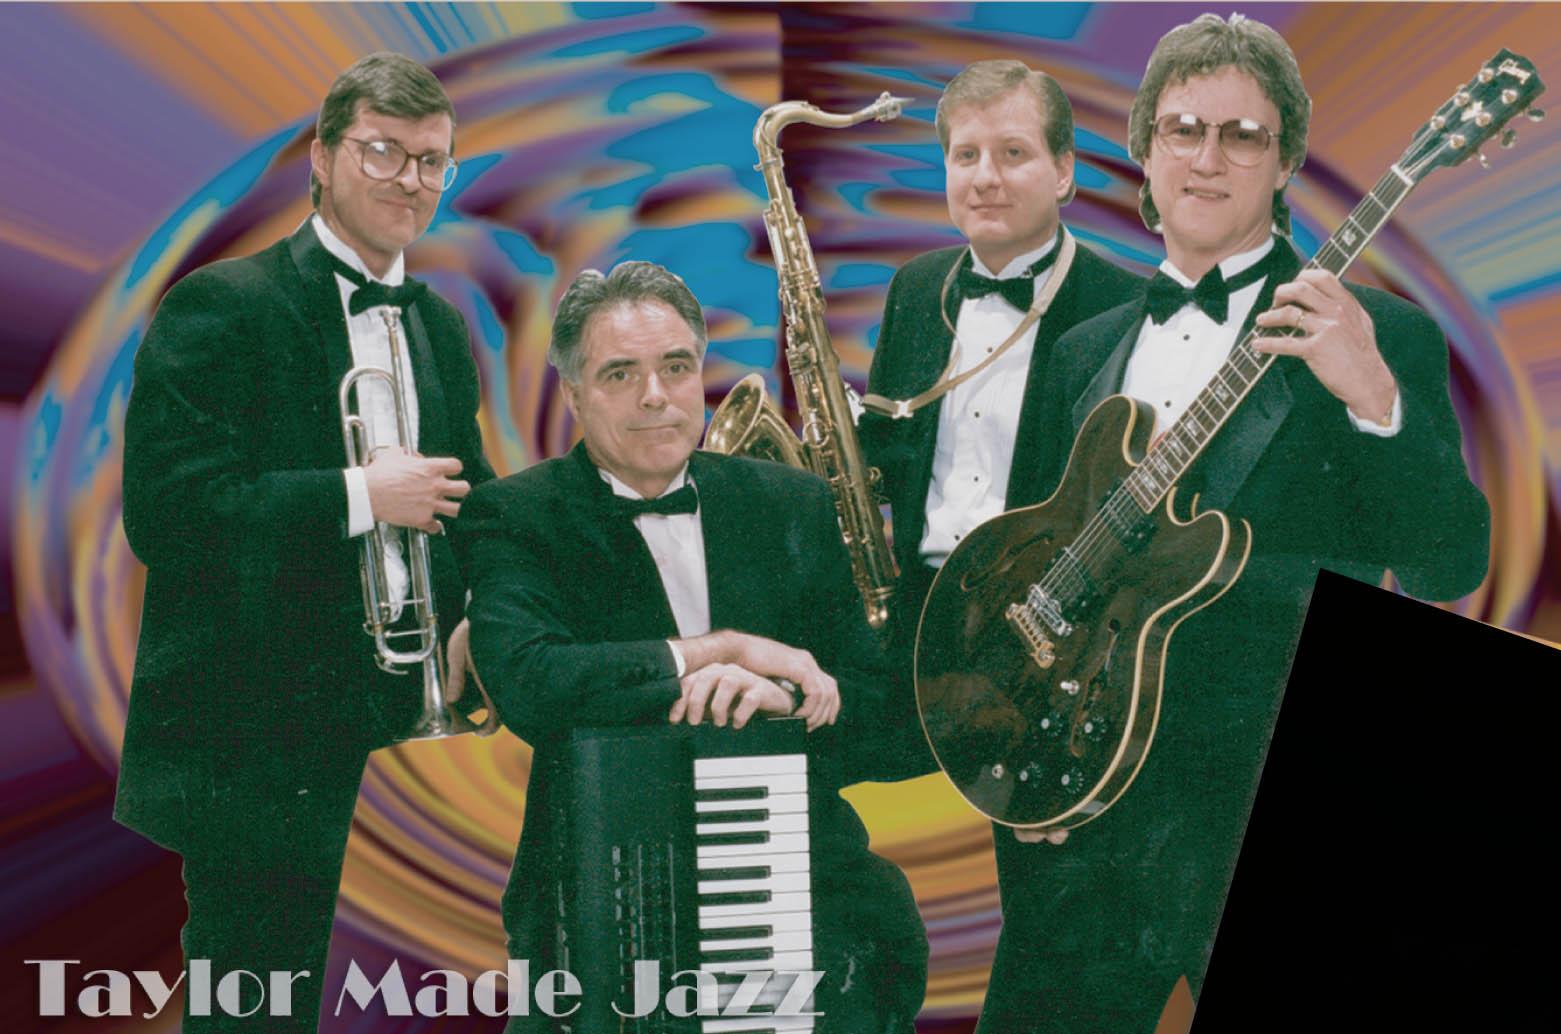 Taylor Made Jazz - Tom Taylor - www.kmprod.com